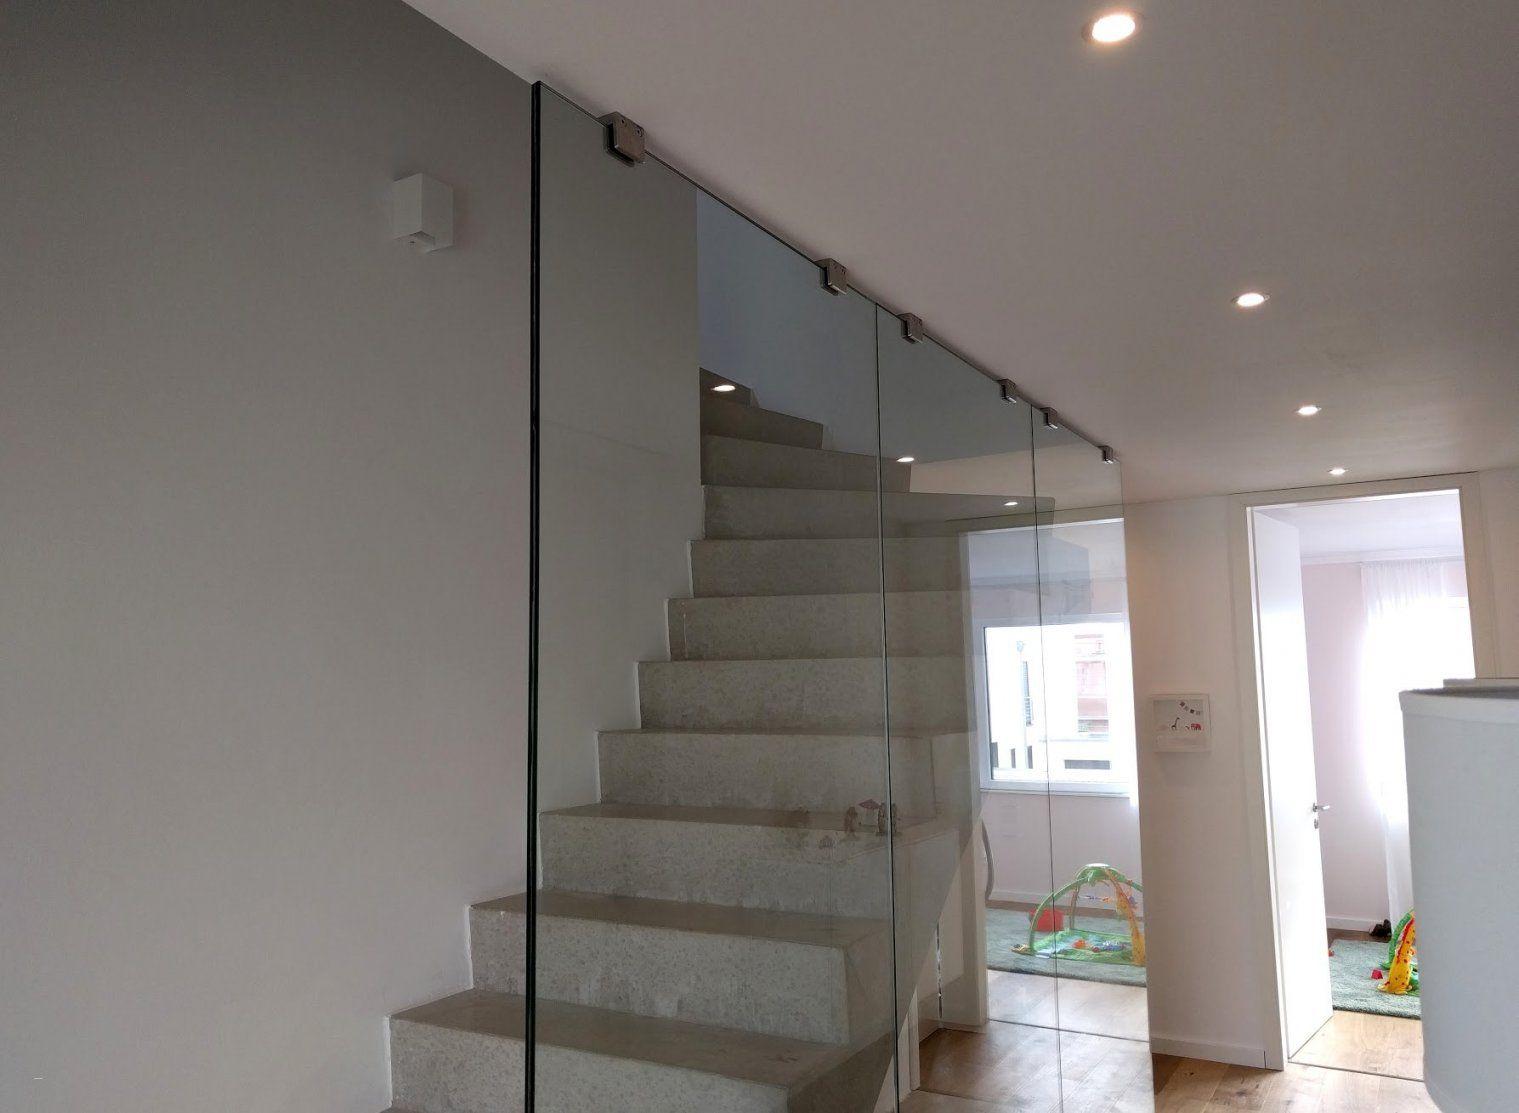 Trennwand Mit Glas Attraktiv Trennwaende Raumteiler Trennw Nde von Trennwände Raumteiler Selber Bauen Bild